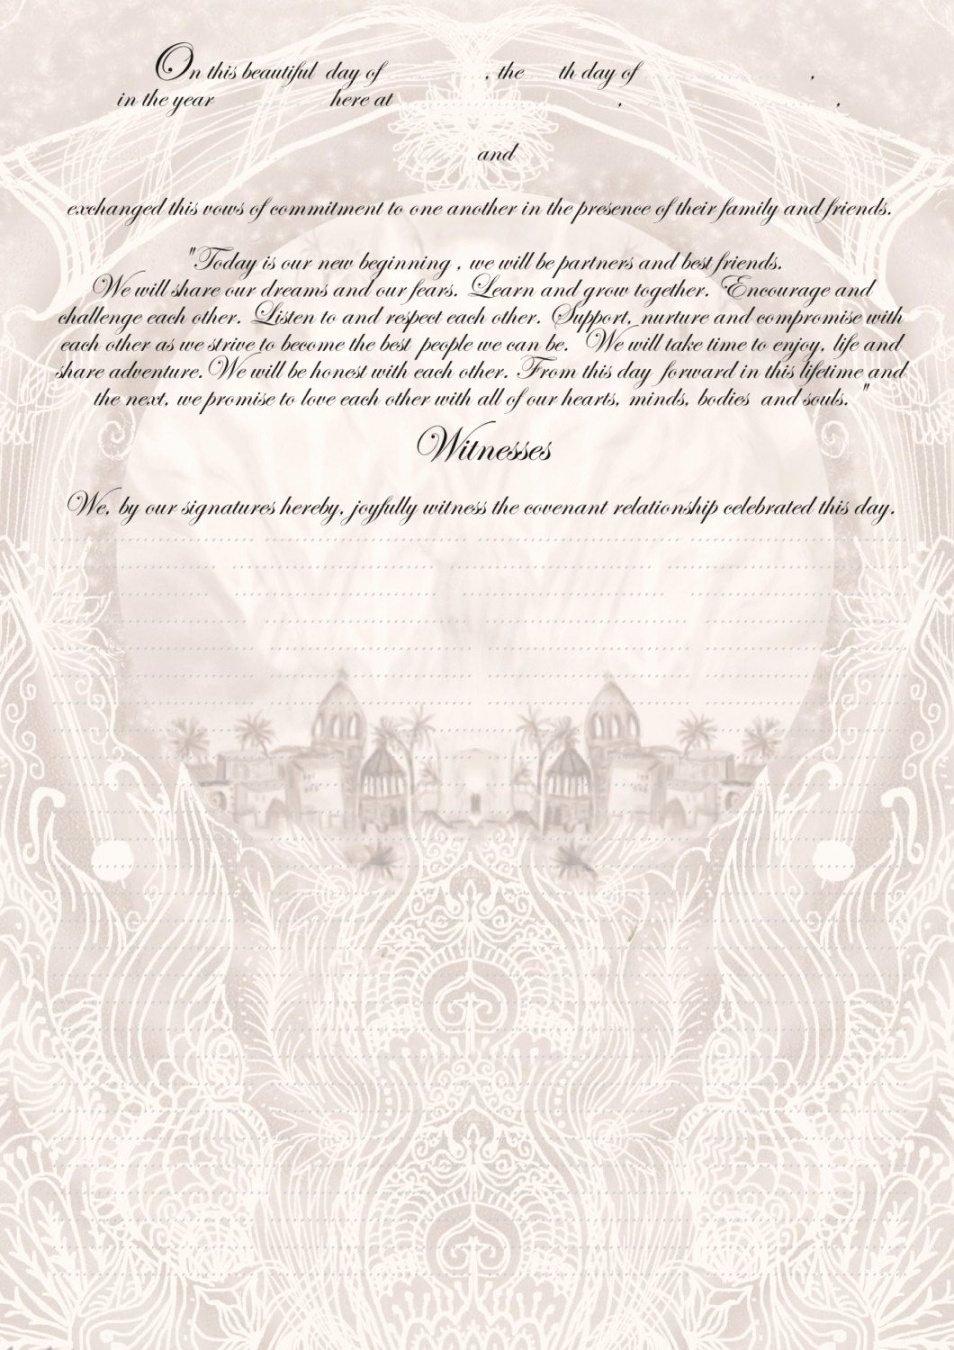 Quaker Wedding Certificate Template Unique Quaker Marriage Certificate Template